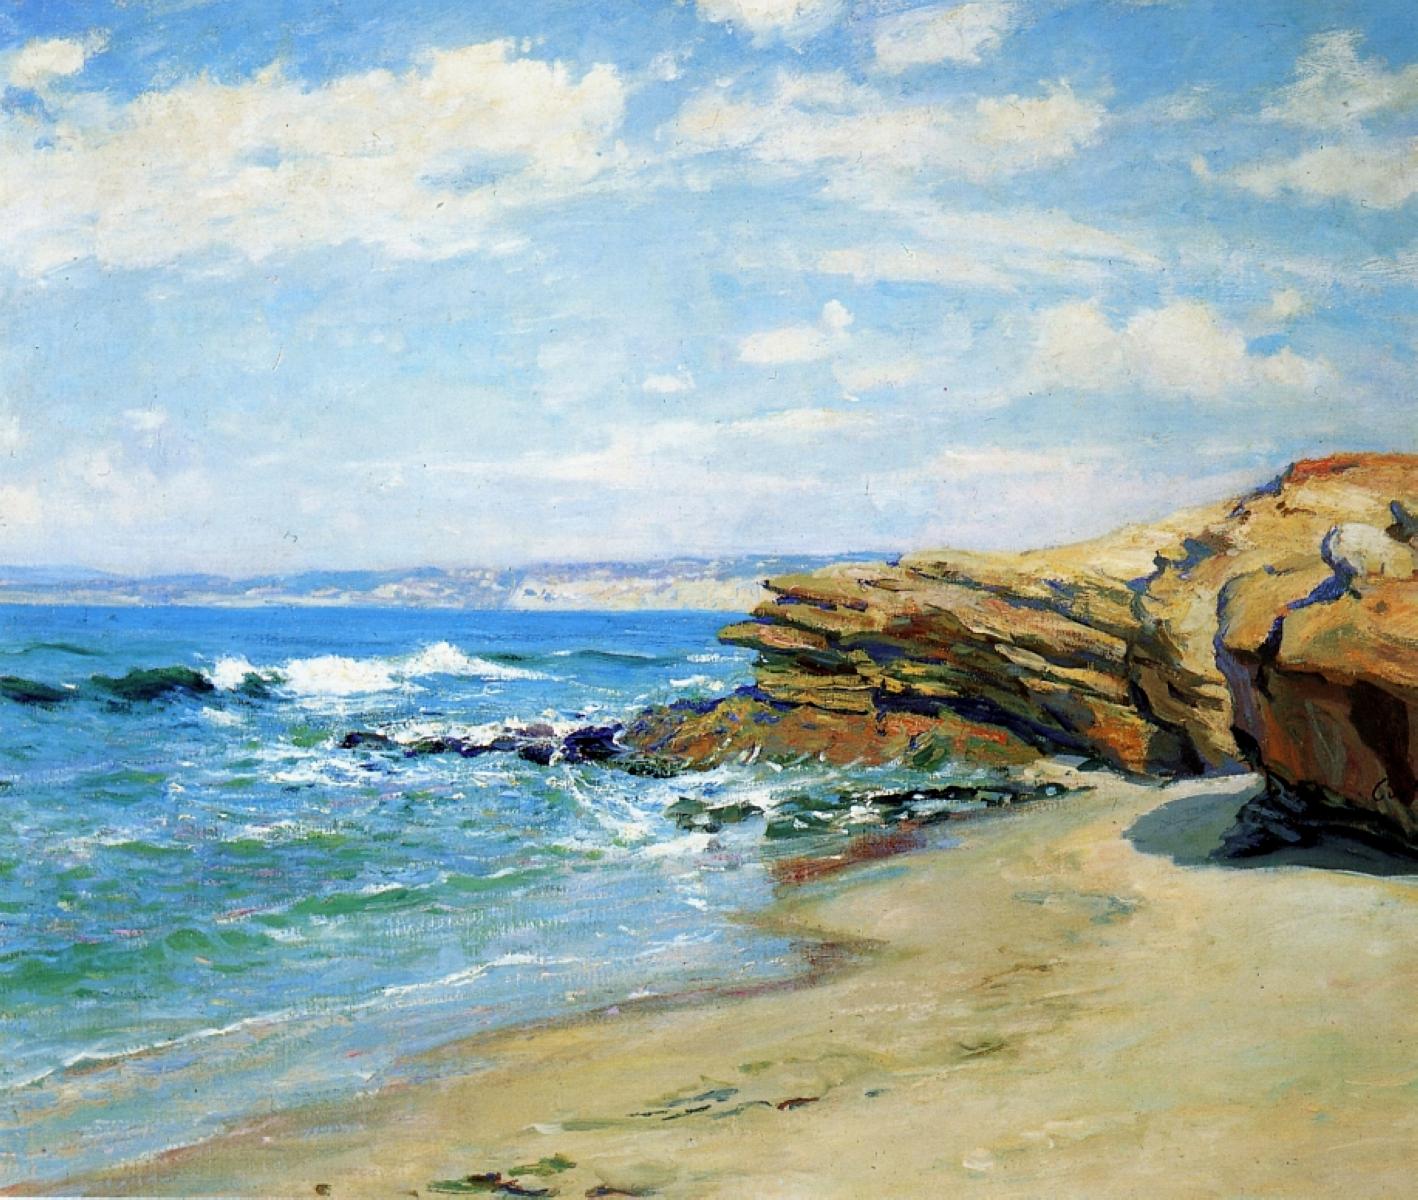 California landscape in art: Guy Rose, La Jolla Beach, ca. 1867-1925, private collection.